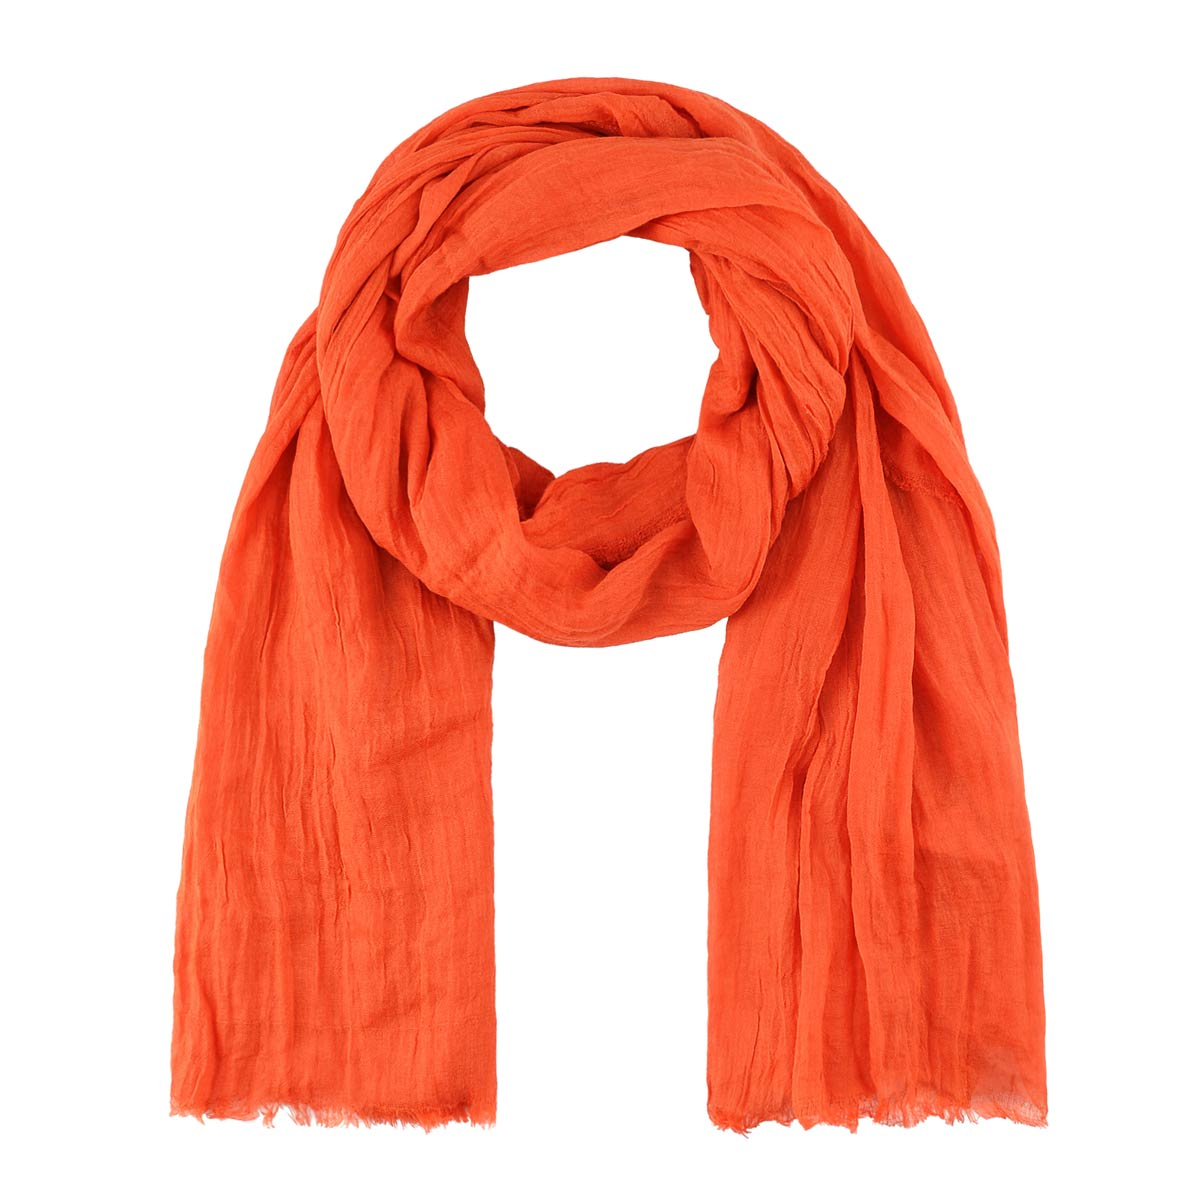 _Cheche-viscose-orange